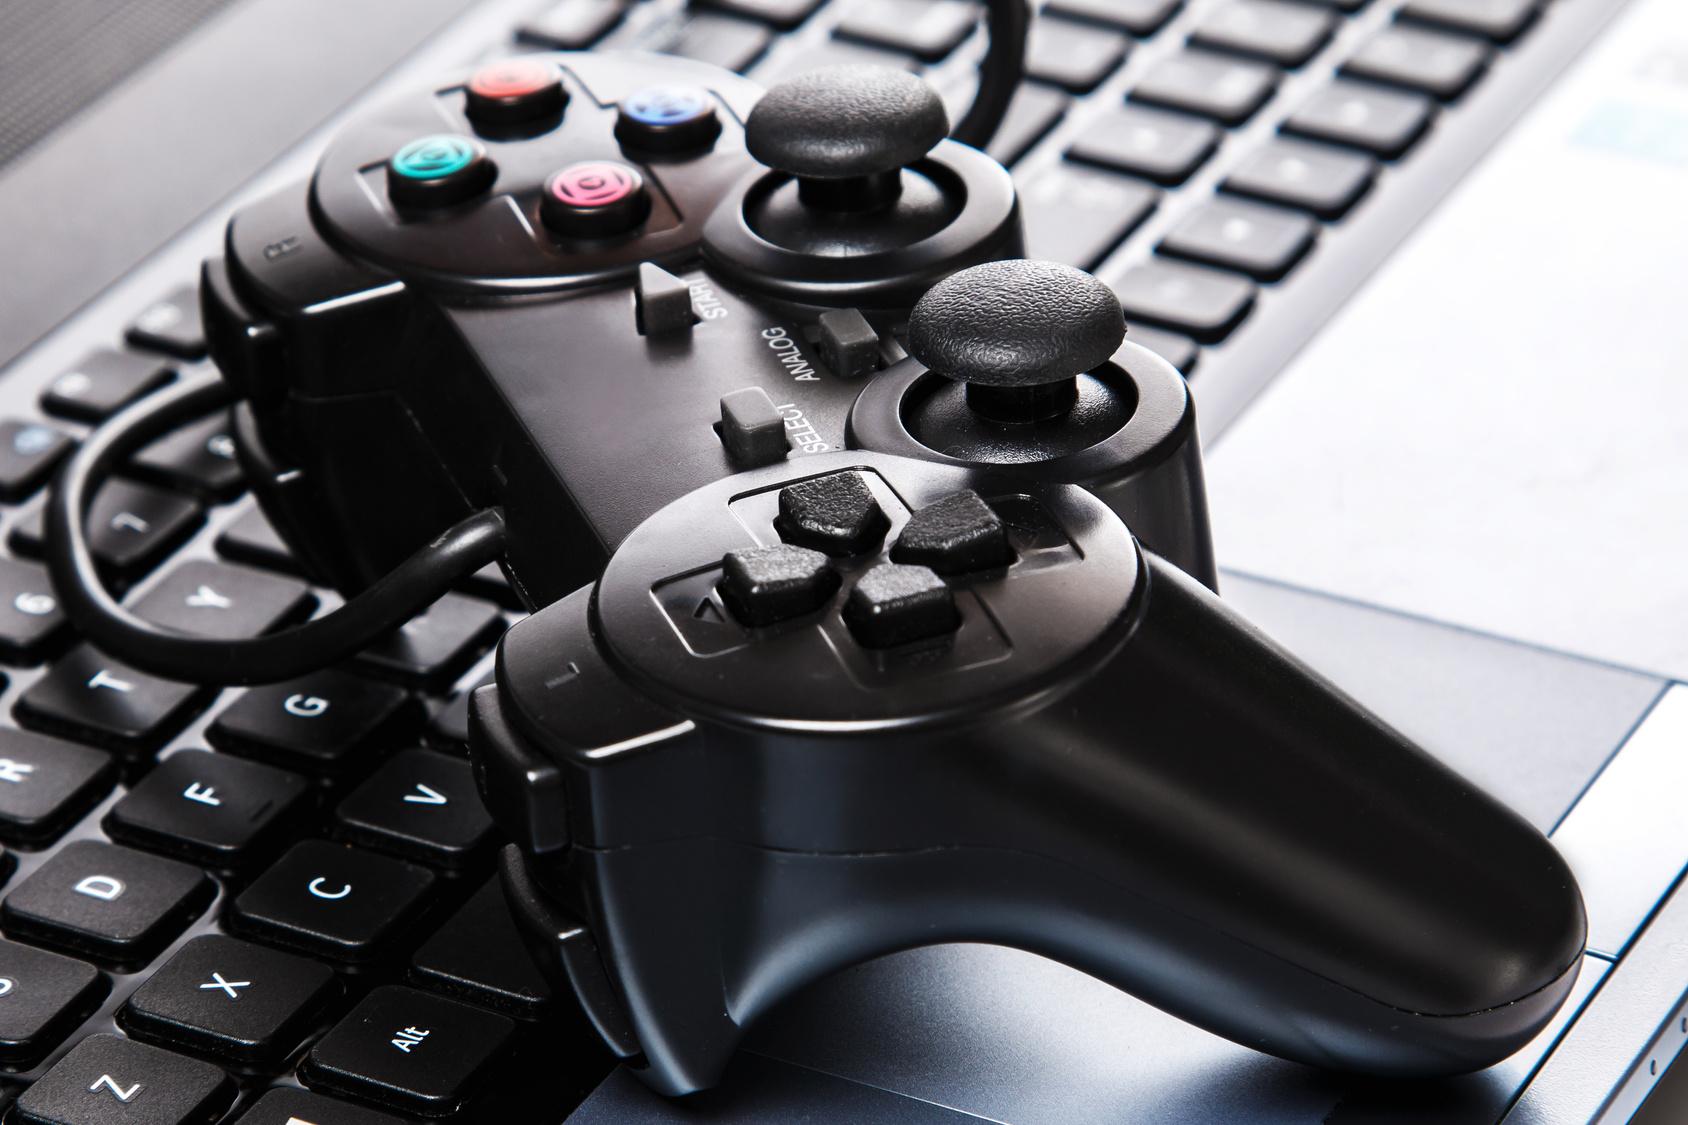 Modowanie gier komputerowych a prawo autorskie. Czy i jakie zmiany można wprowadzić do takich produktów?